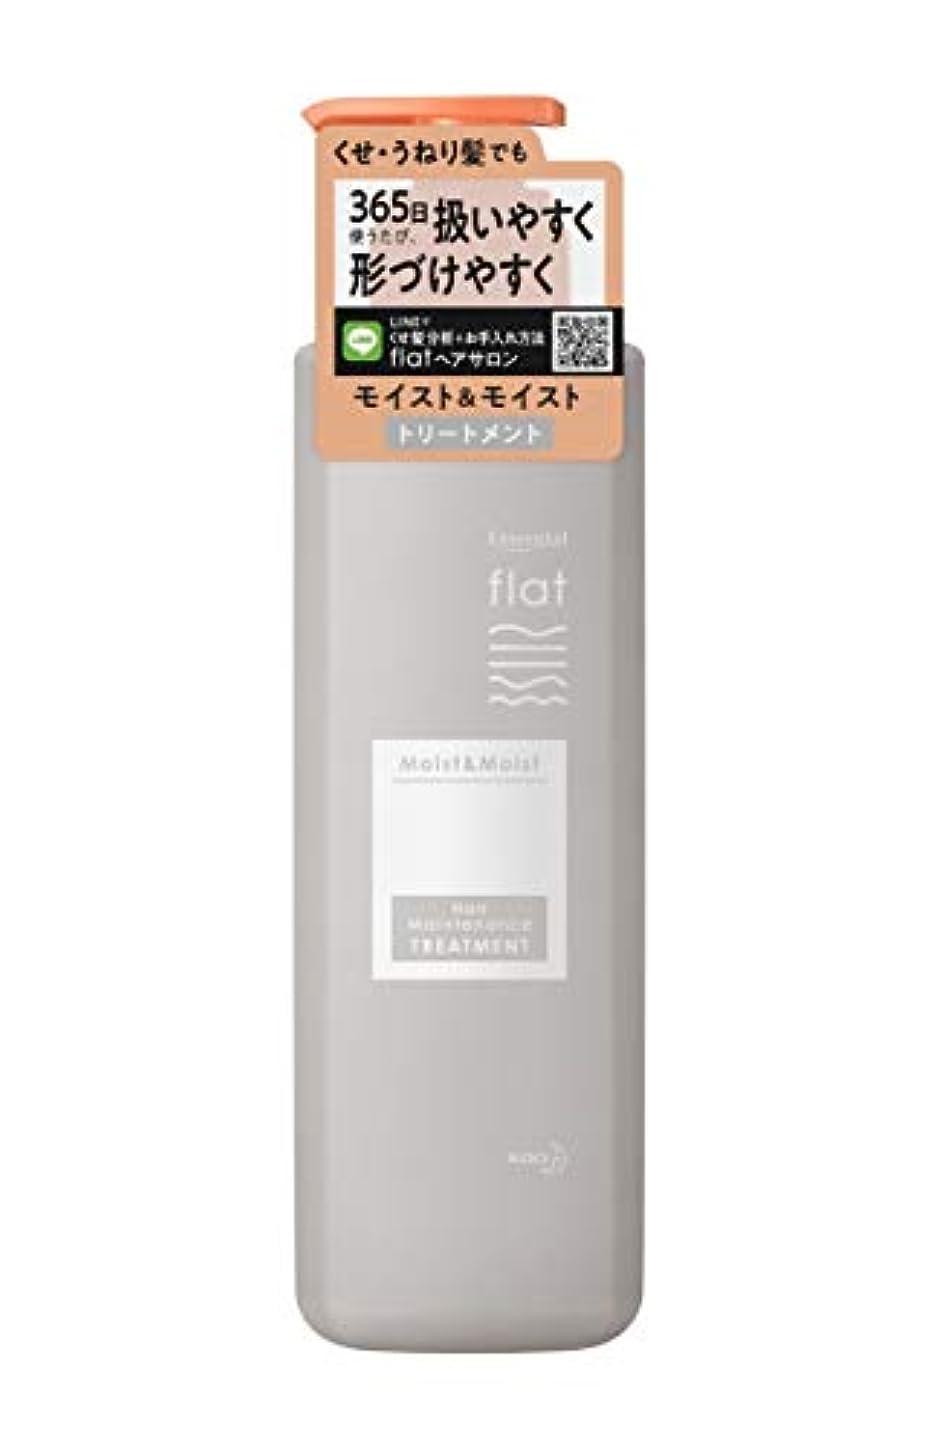 シンカン反対する断言するflat(フラット) エッセンシャル フラット モイスト&モイスト トリートメント くせ毛 うねり髪 毛先 まとまる ストレートヘア ときほぐし成分配合(整髪成分) ボトル 500ml